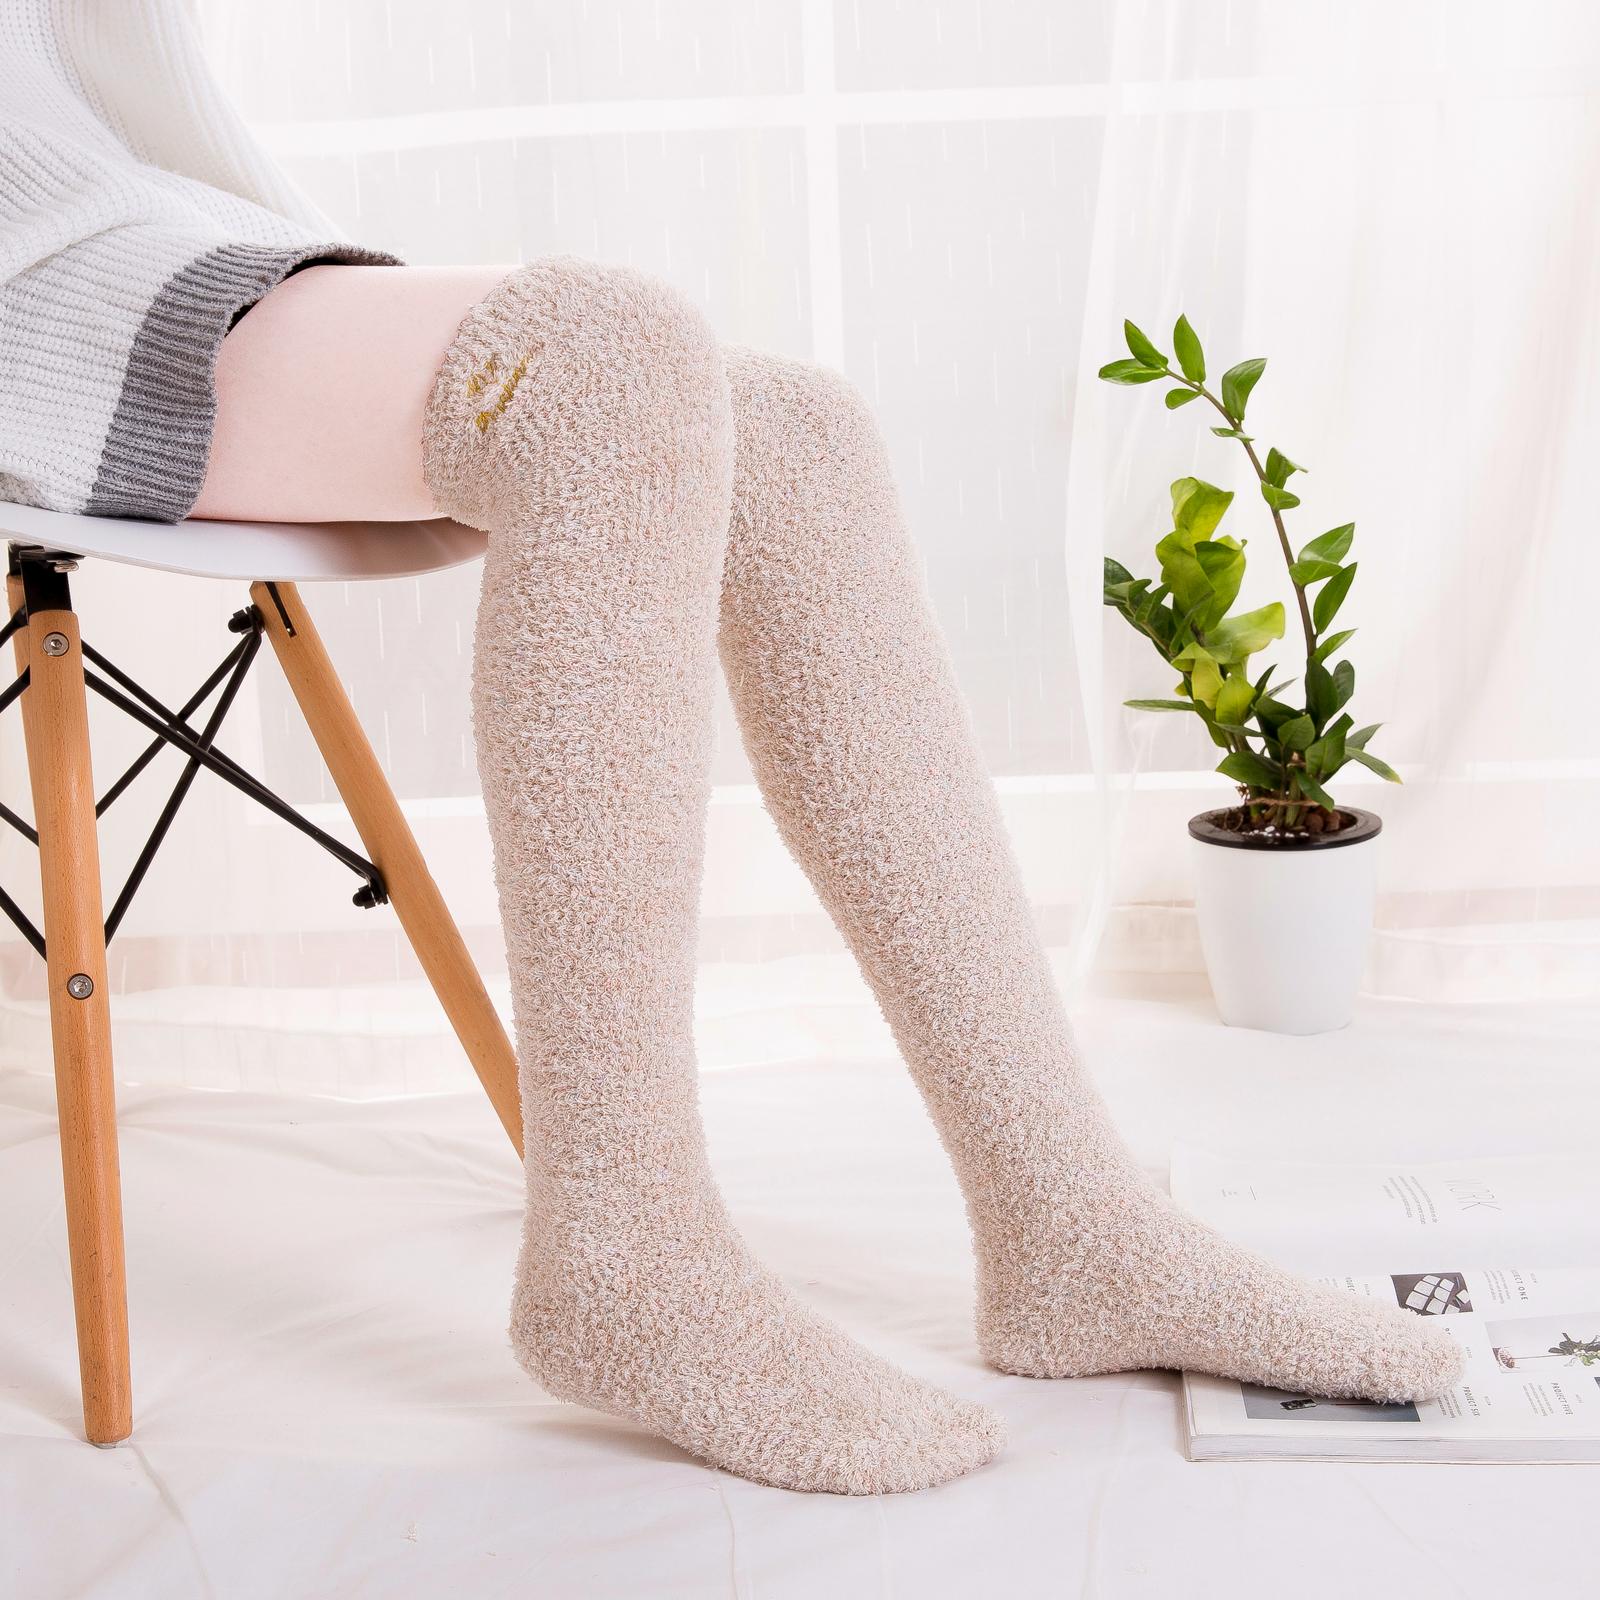 毛绒长腿睡觉袜子珊瑚绒过膝袜日系高筒袜加绒加厚冬天保暖睡眠袜